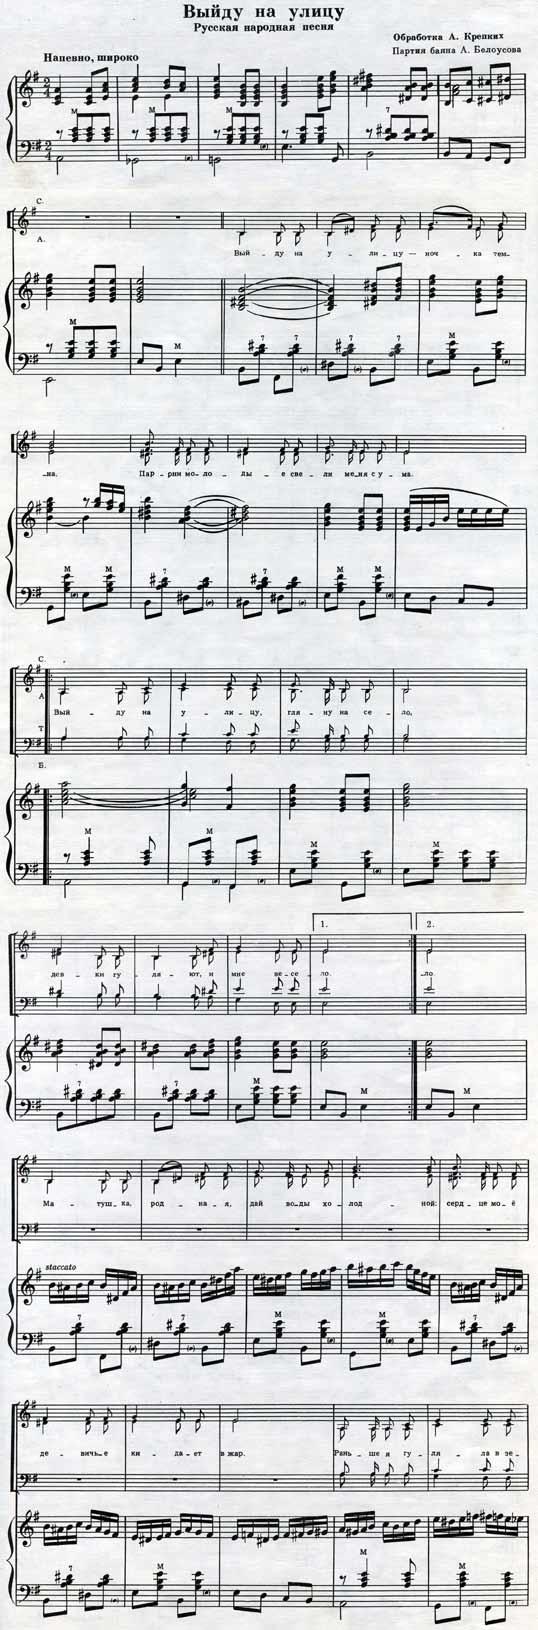 Ноты русской народной песни Выйду на улицу